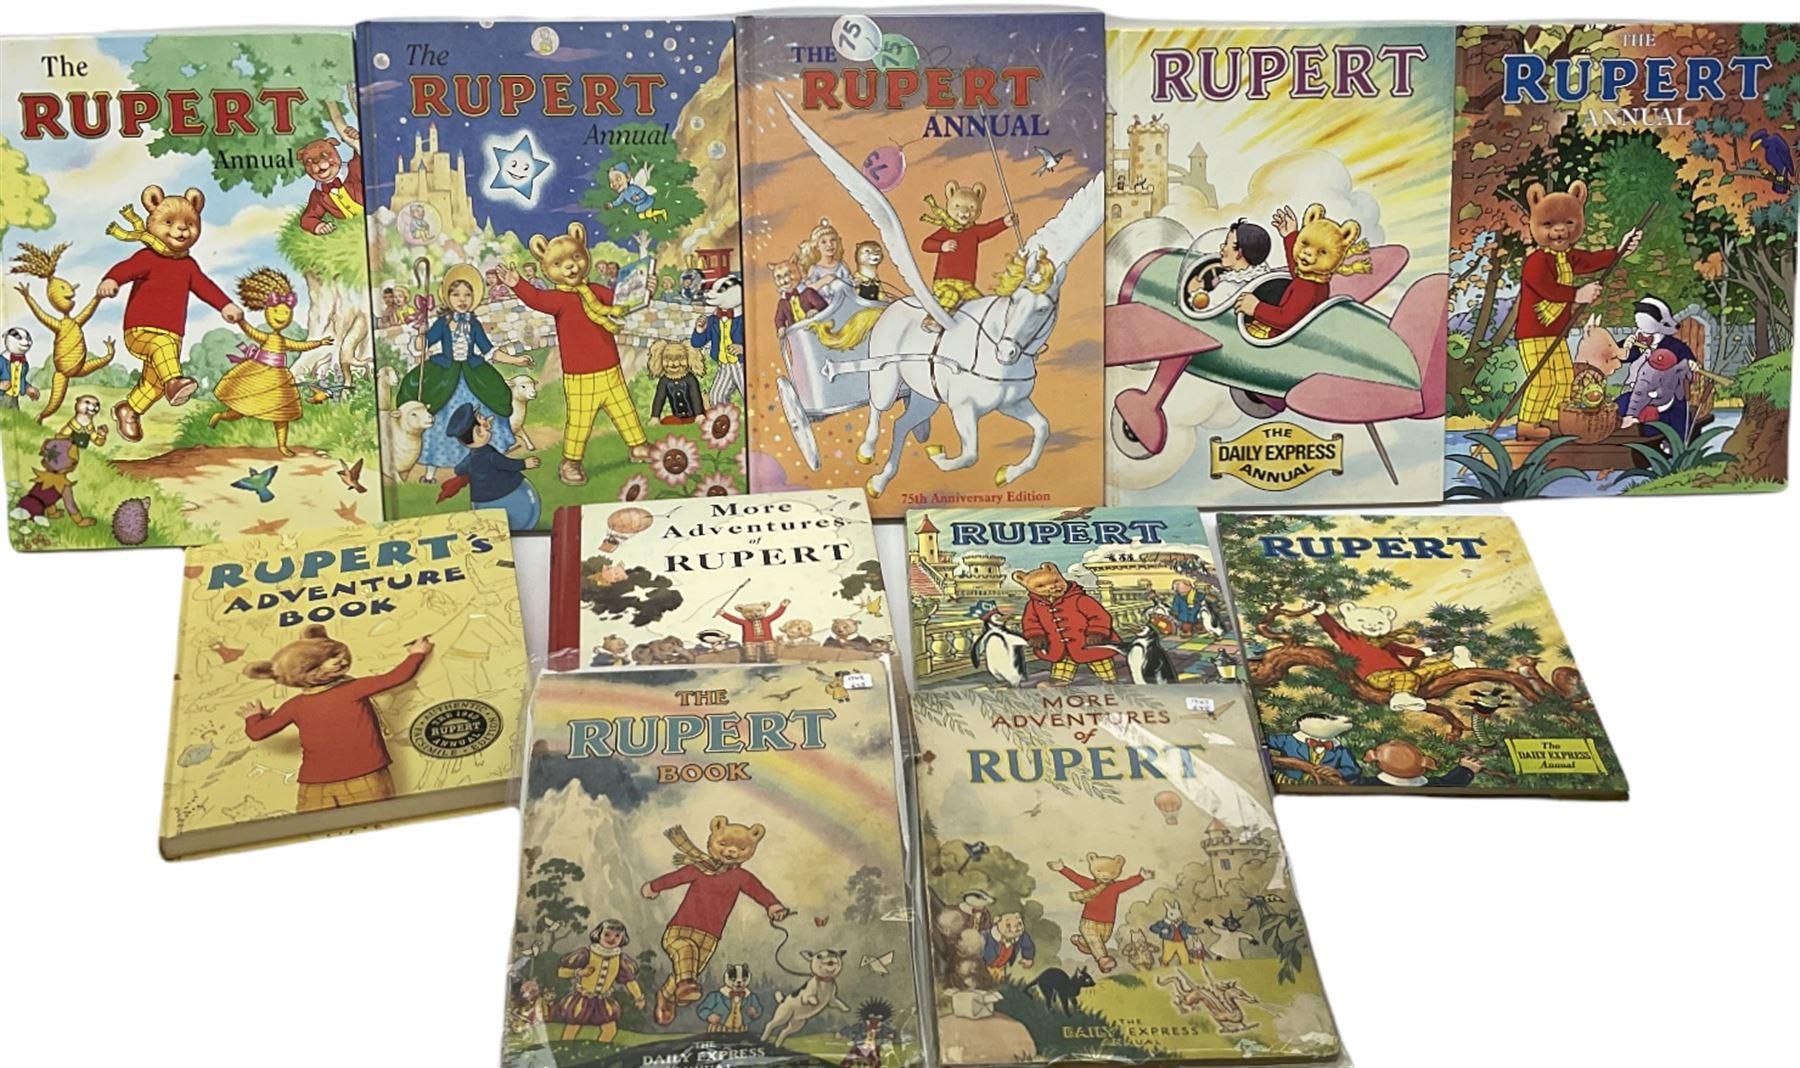 Rupert Bear - More Adventures of Rupert 1947 and The Rupert Book 1948